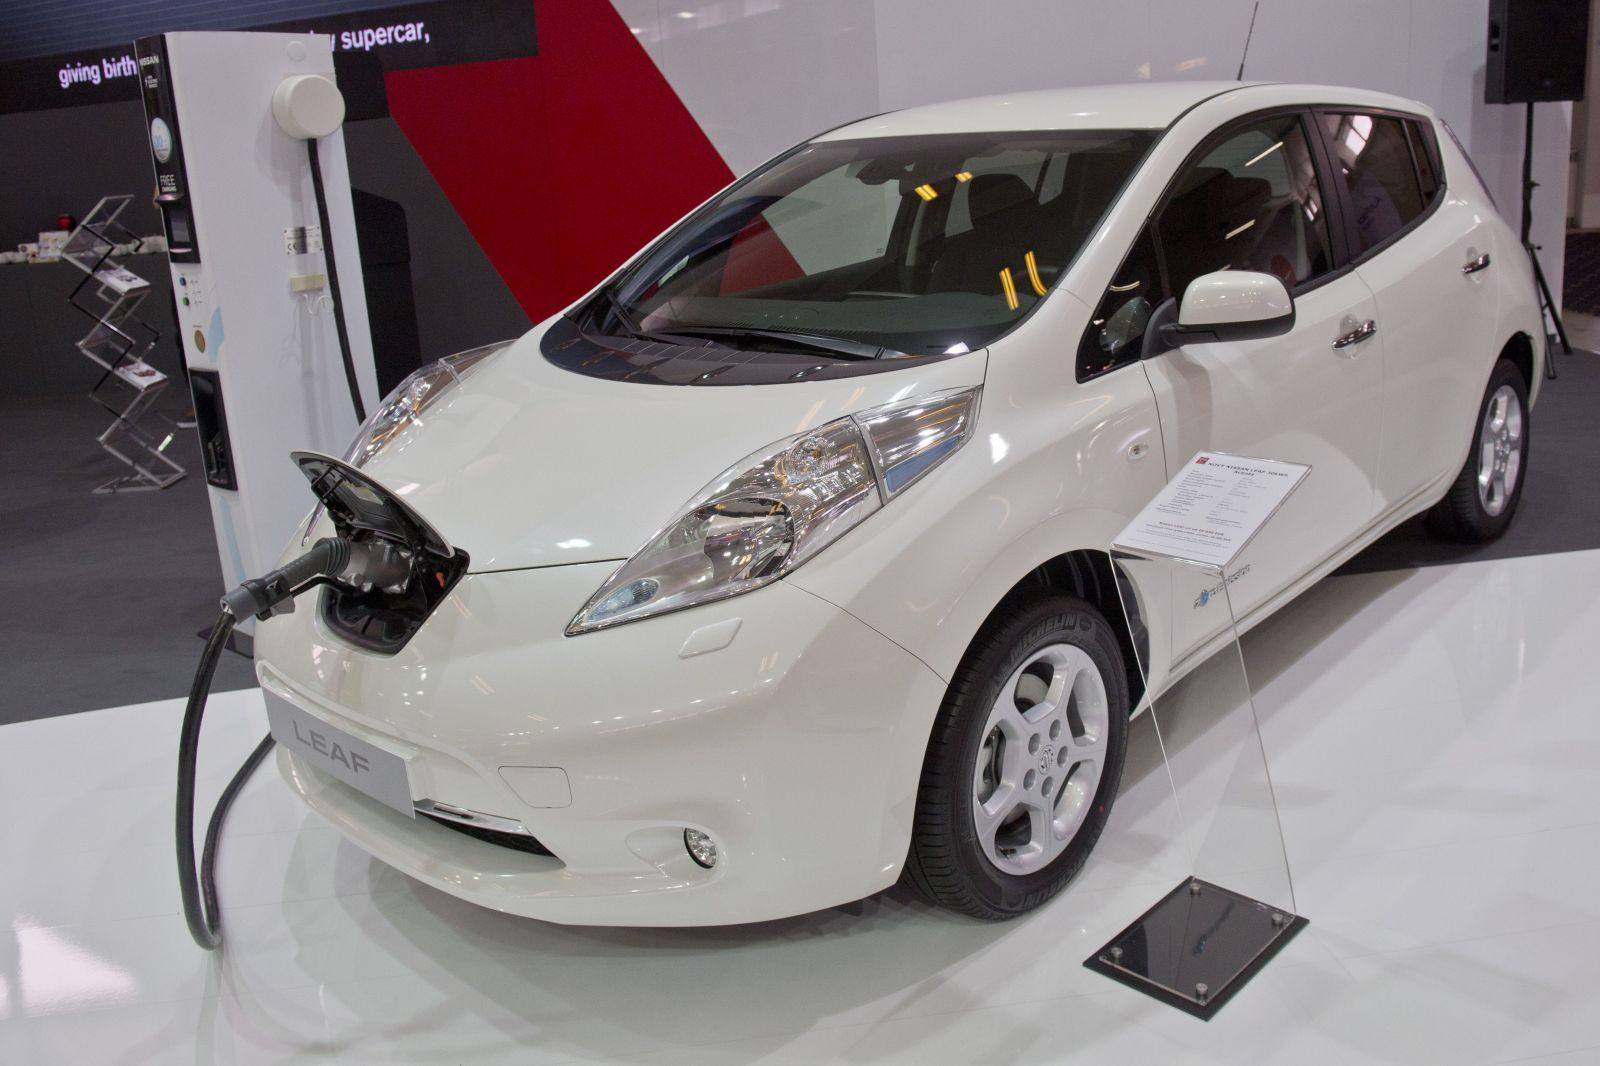 Veľká Británia vodičom prispeje až 6 000 libier, ak dajú svoje benzínové auto do šrotu a nahradia ho elektrickým